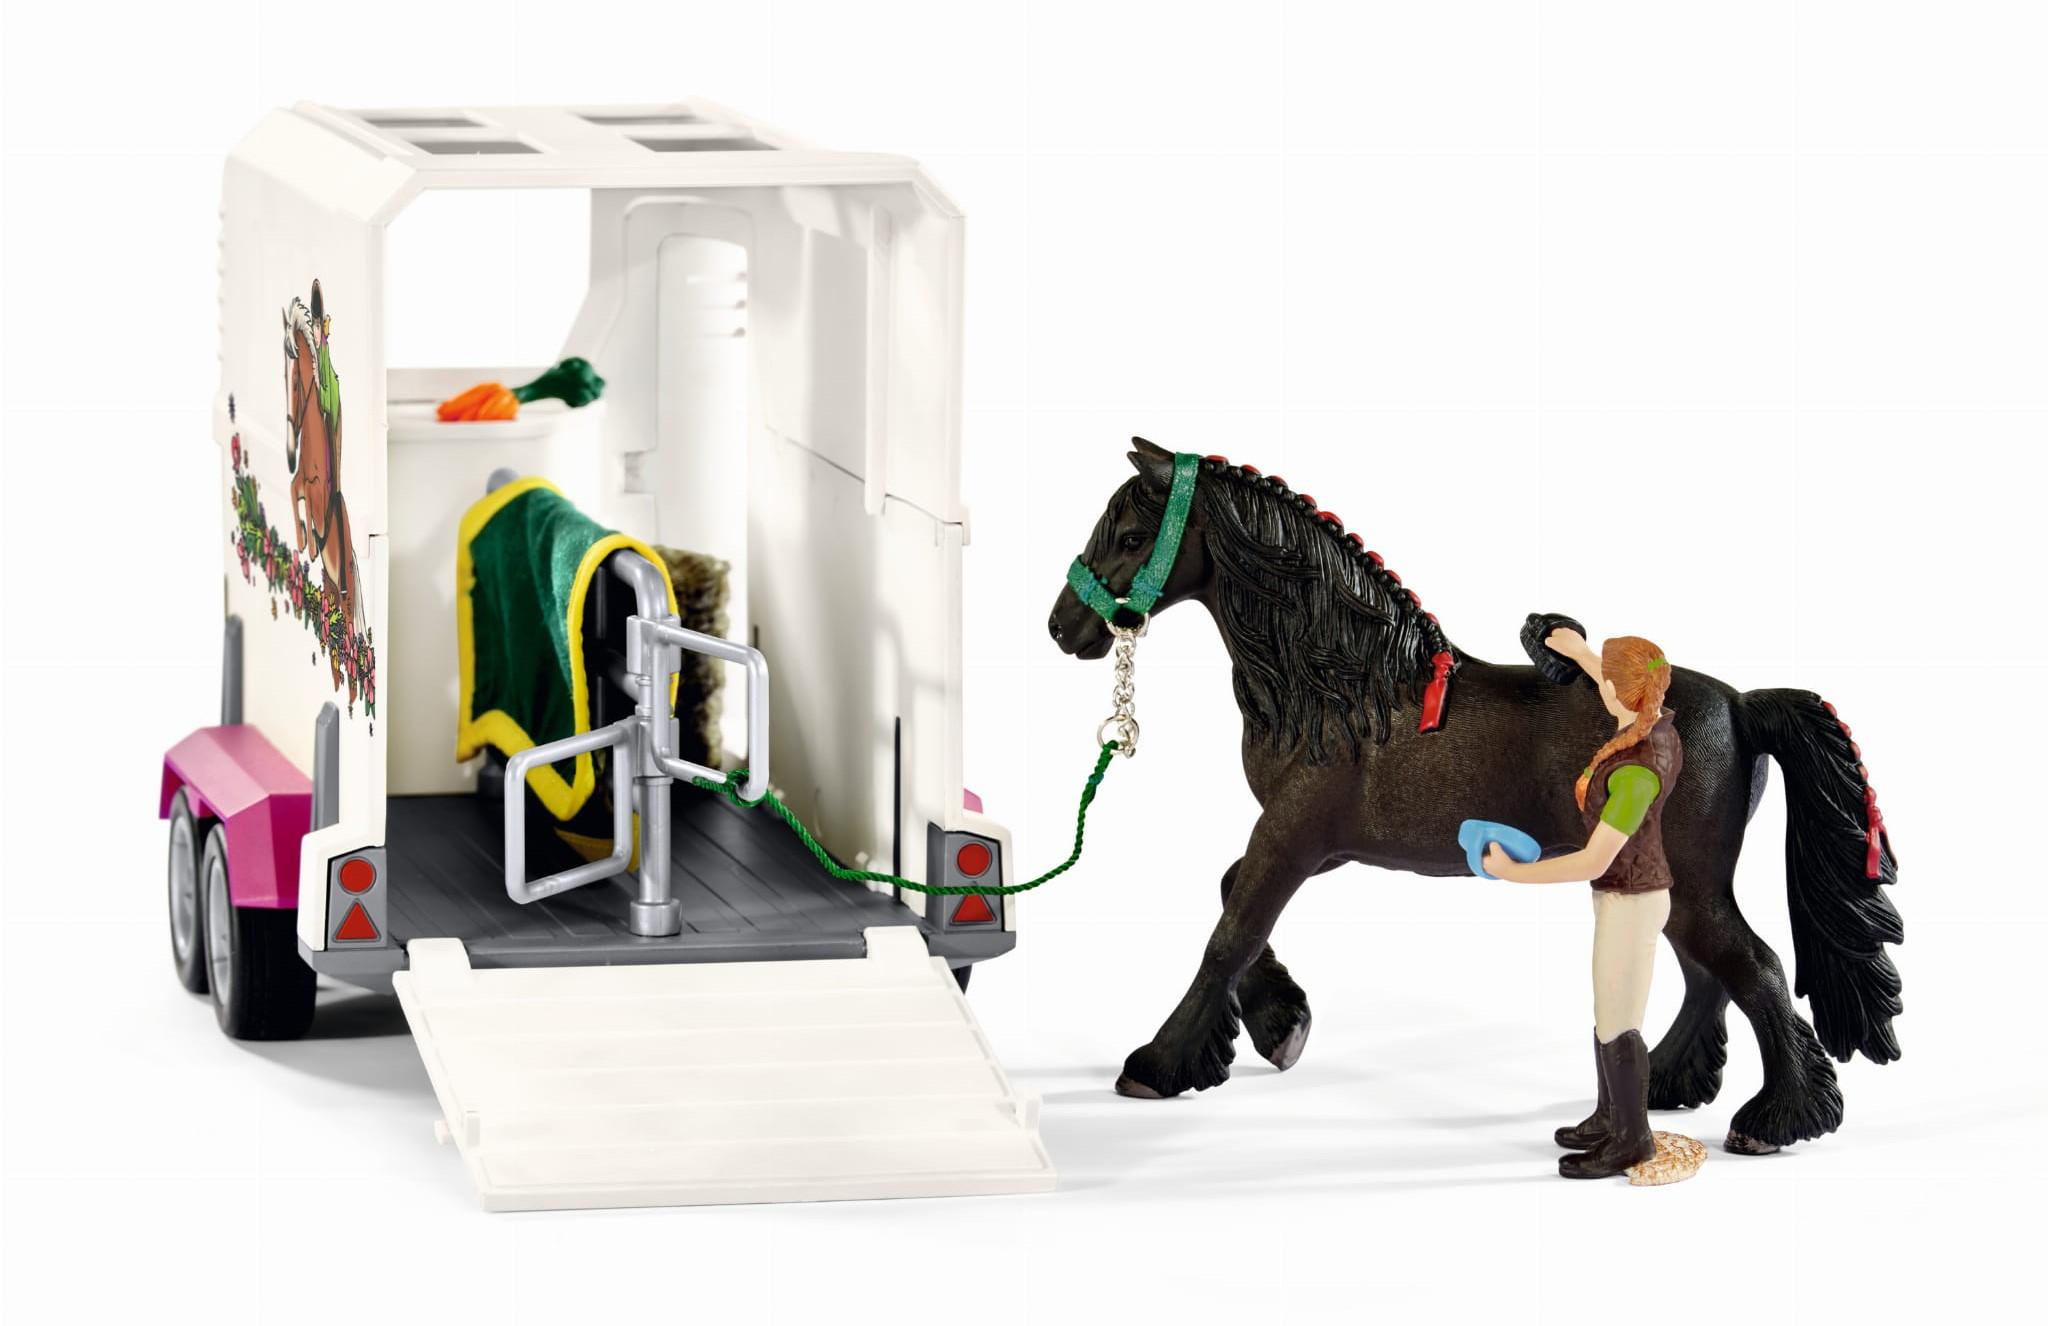 schleich-konie-zabawkitotu